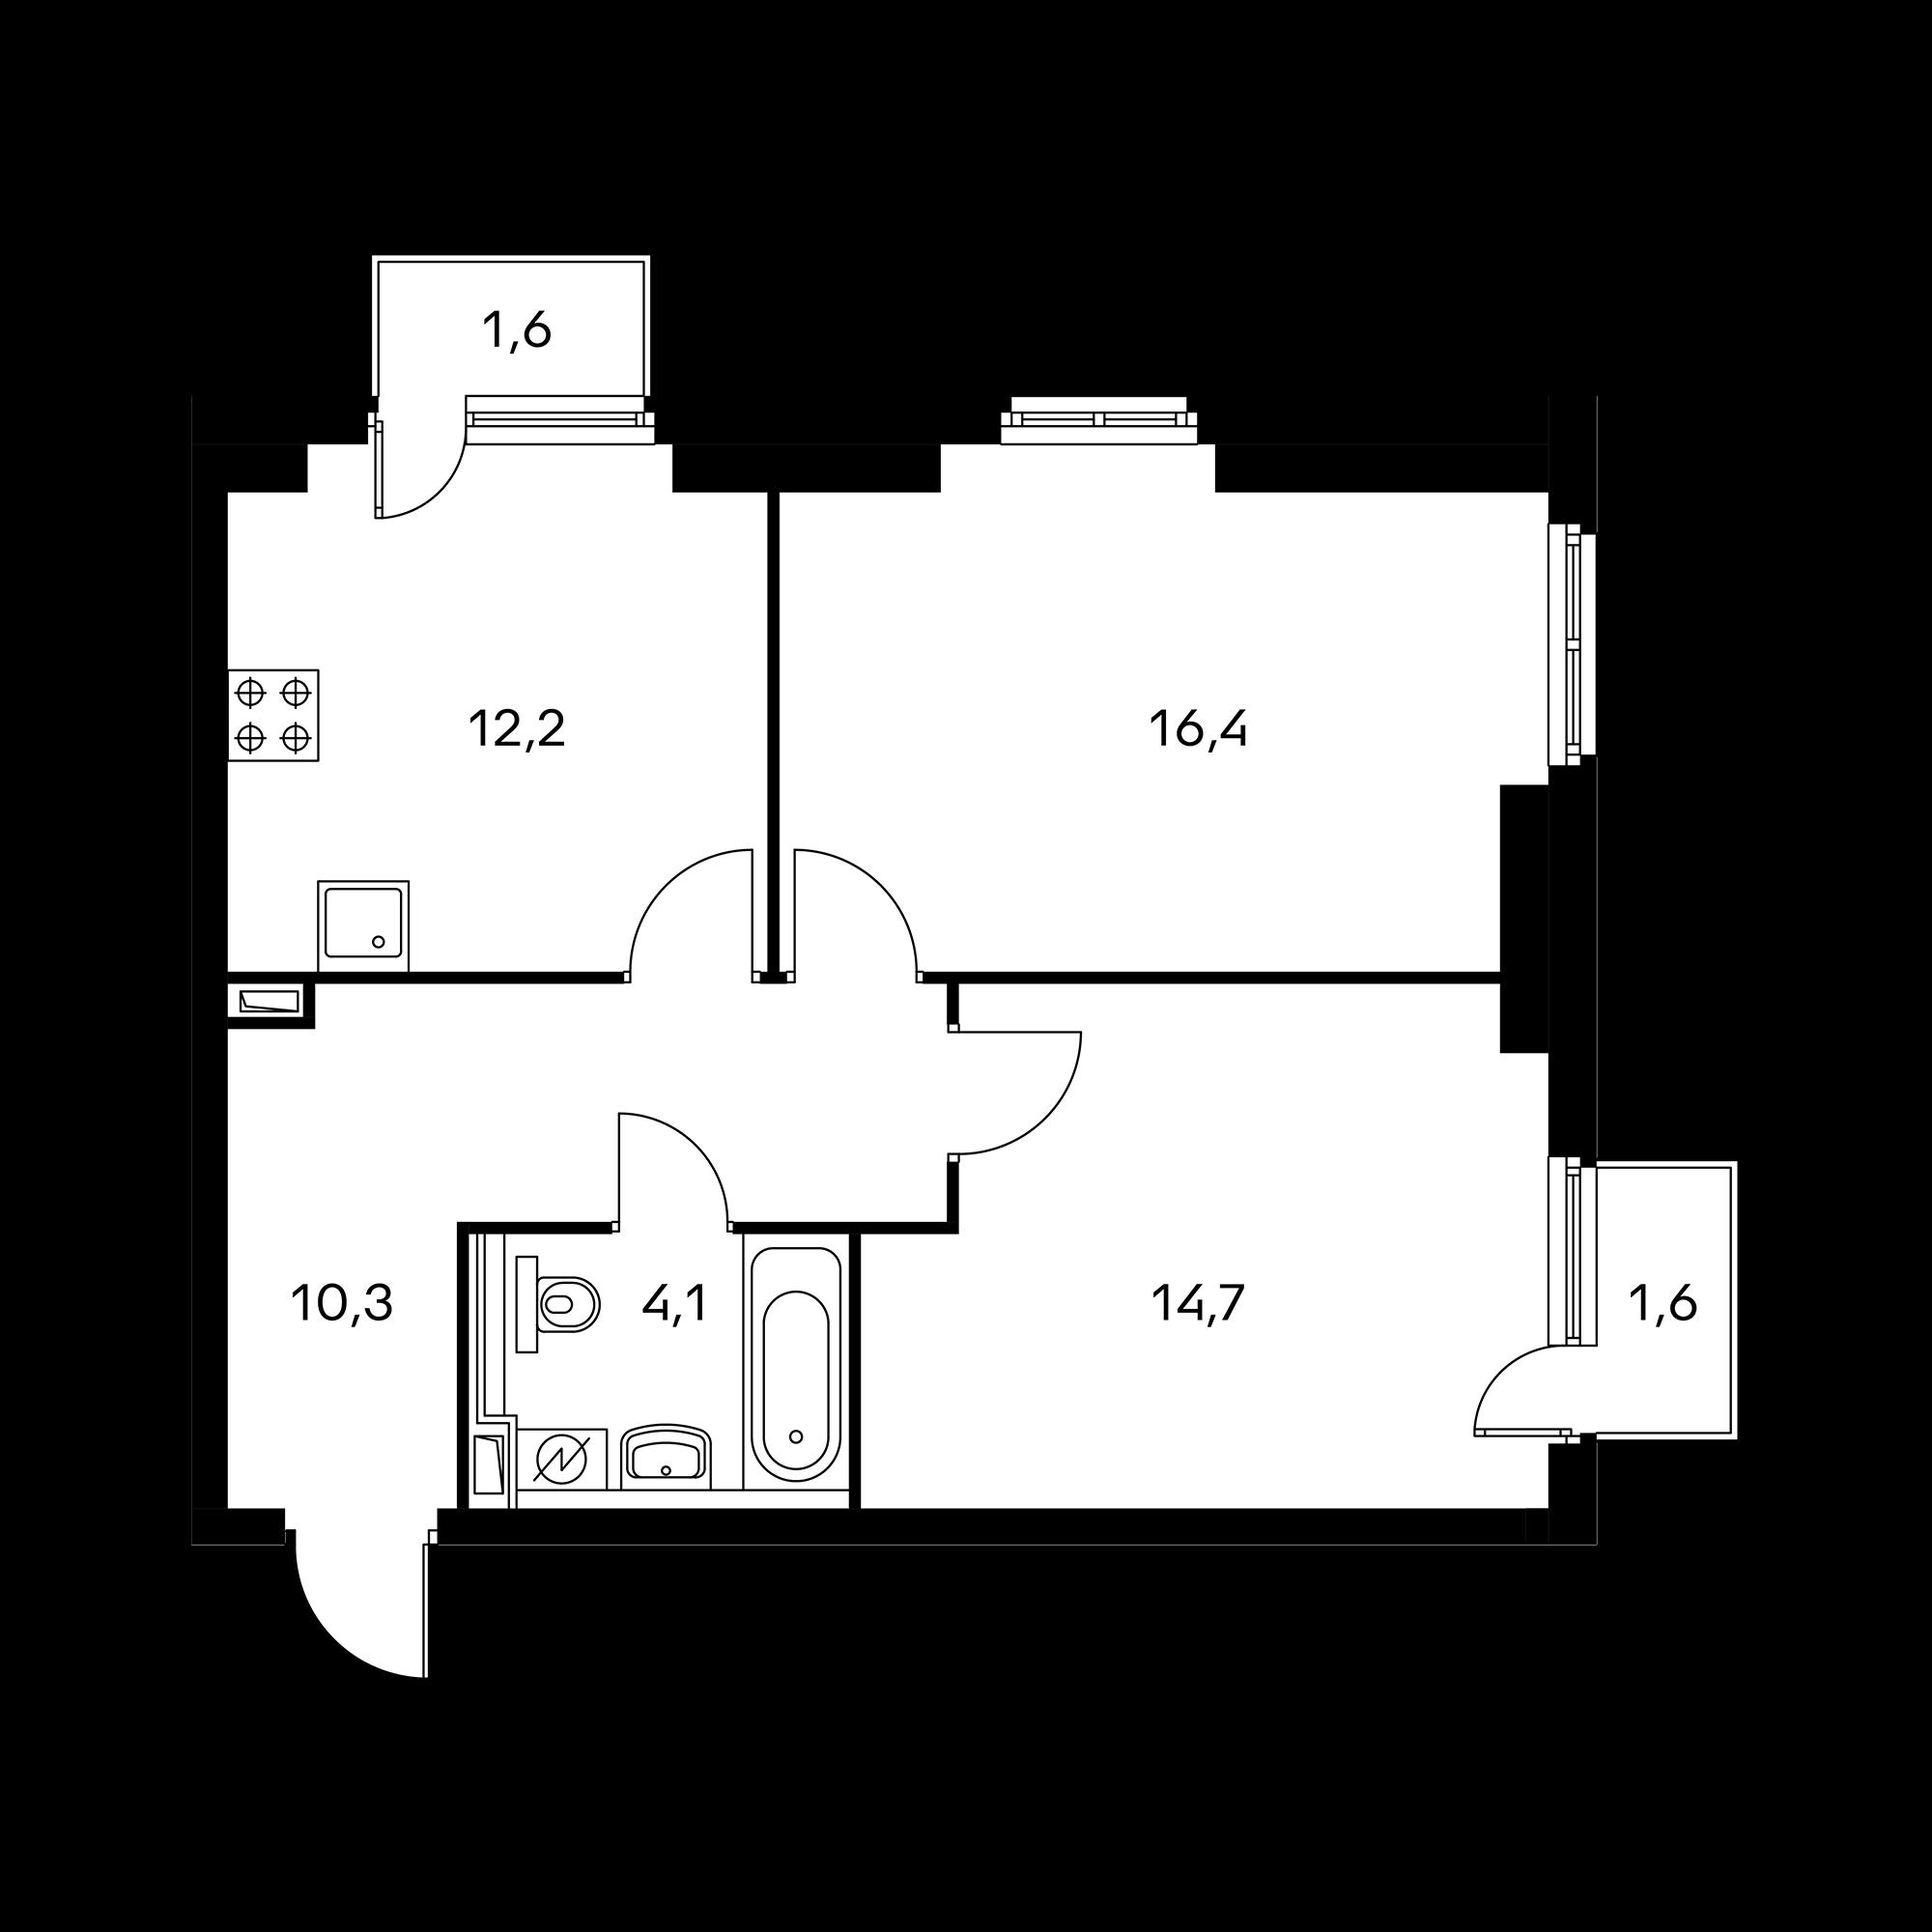 2KM1-7.2-1_T_Z_В